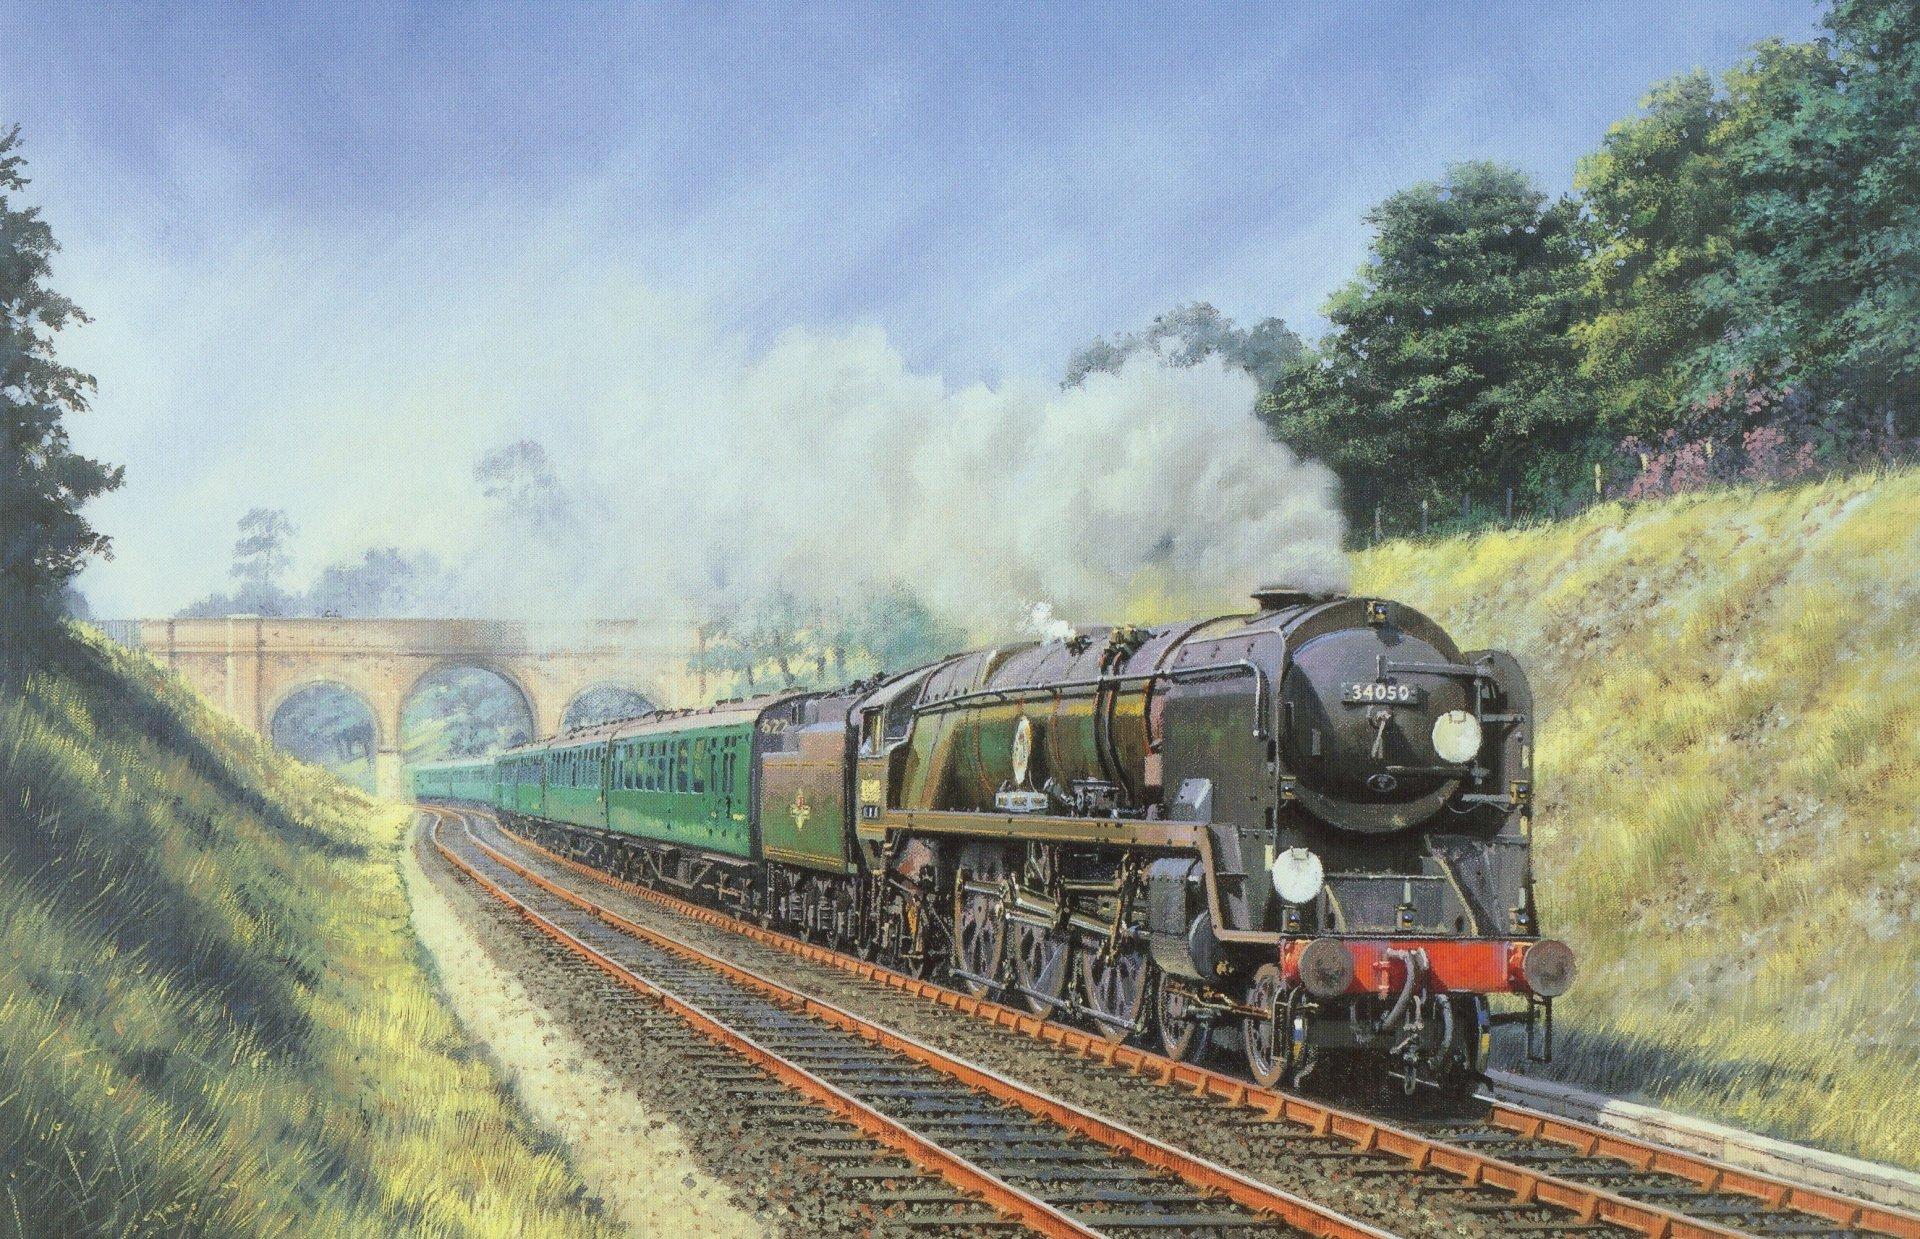 Дню, поезд картинки красивые нарисованные